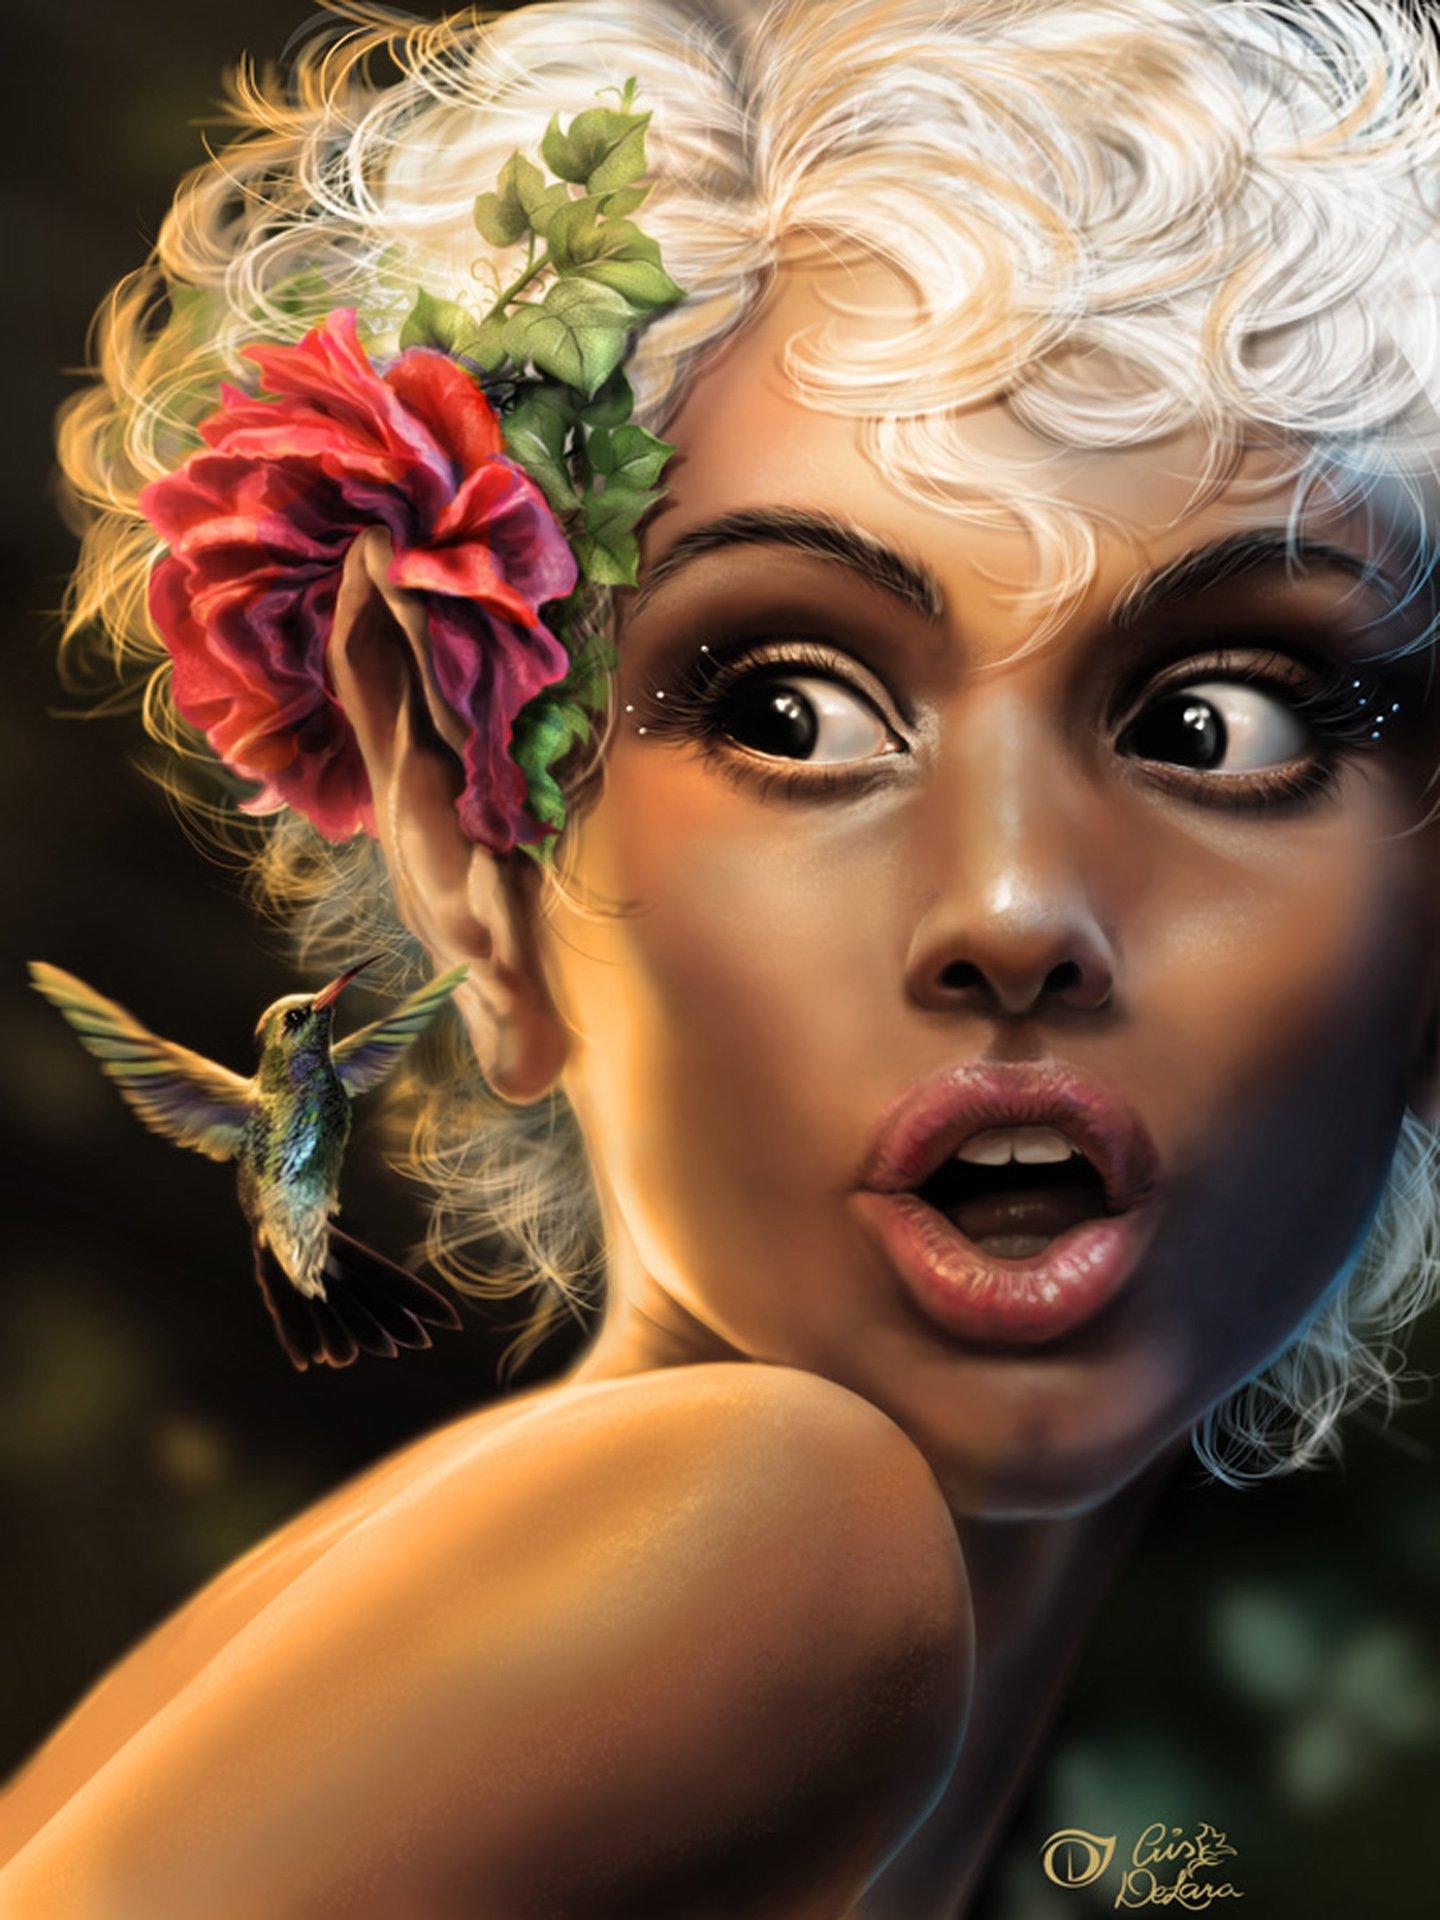 Imagens monster high sensuais hentia toons